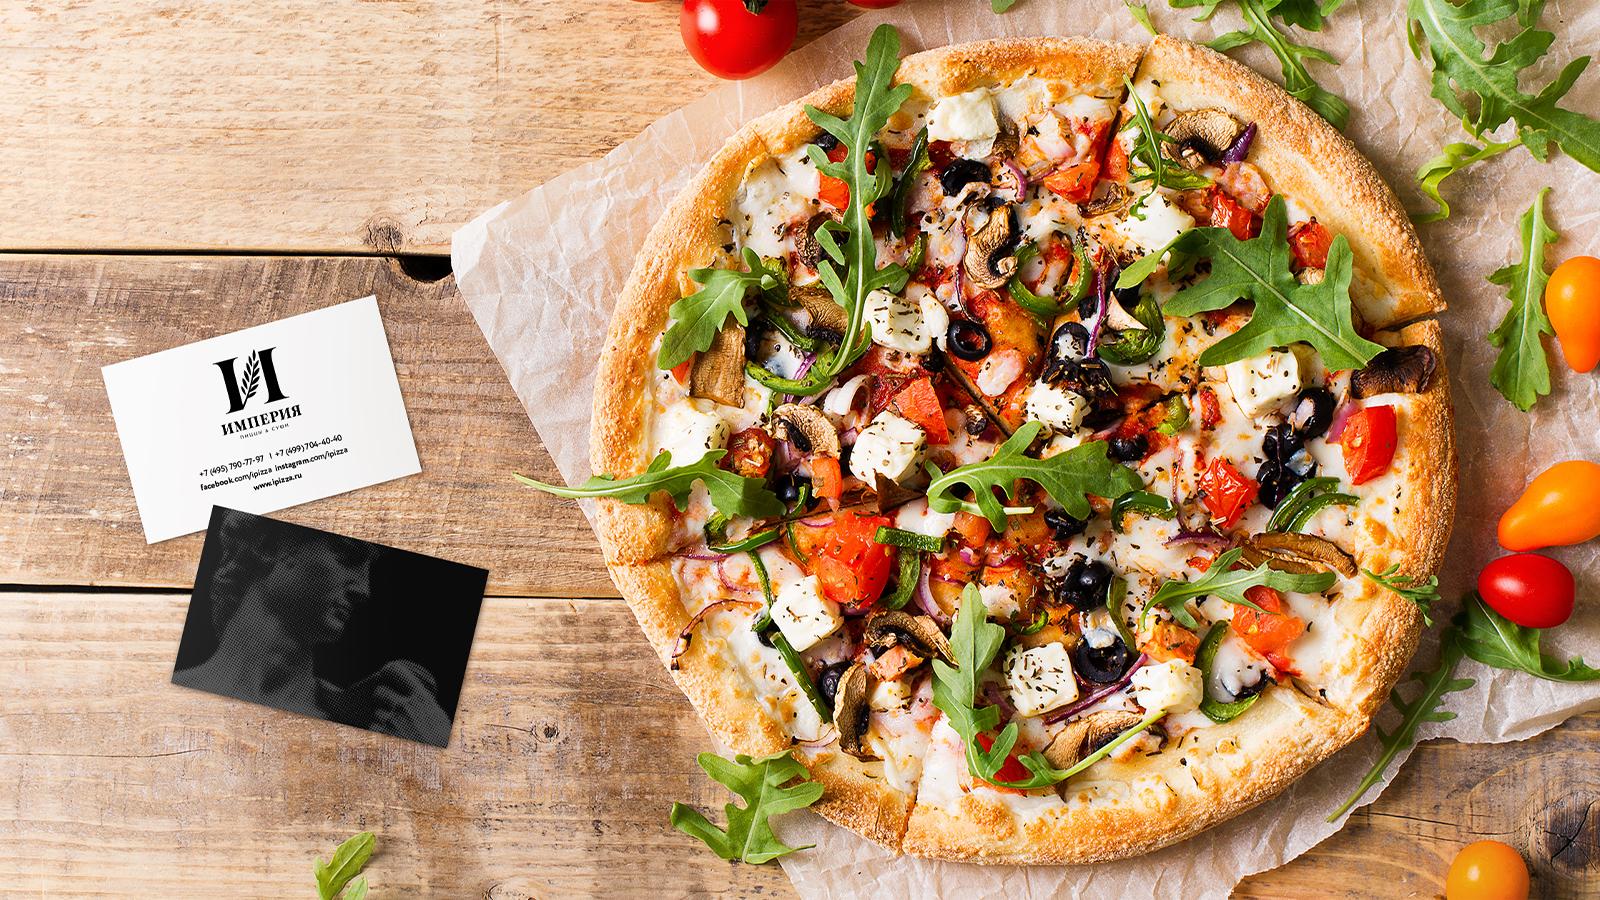 Разработанный фирменный стиль кафе и доставки «Империя» подчеркивает отношение бренда к процессу приготовления пищи как искусству.